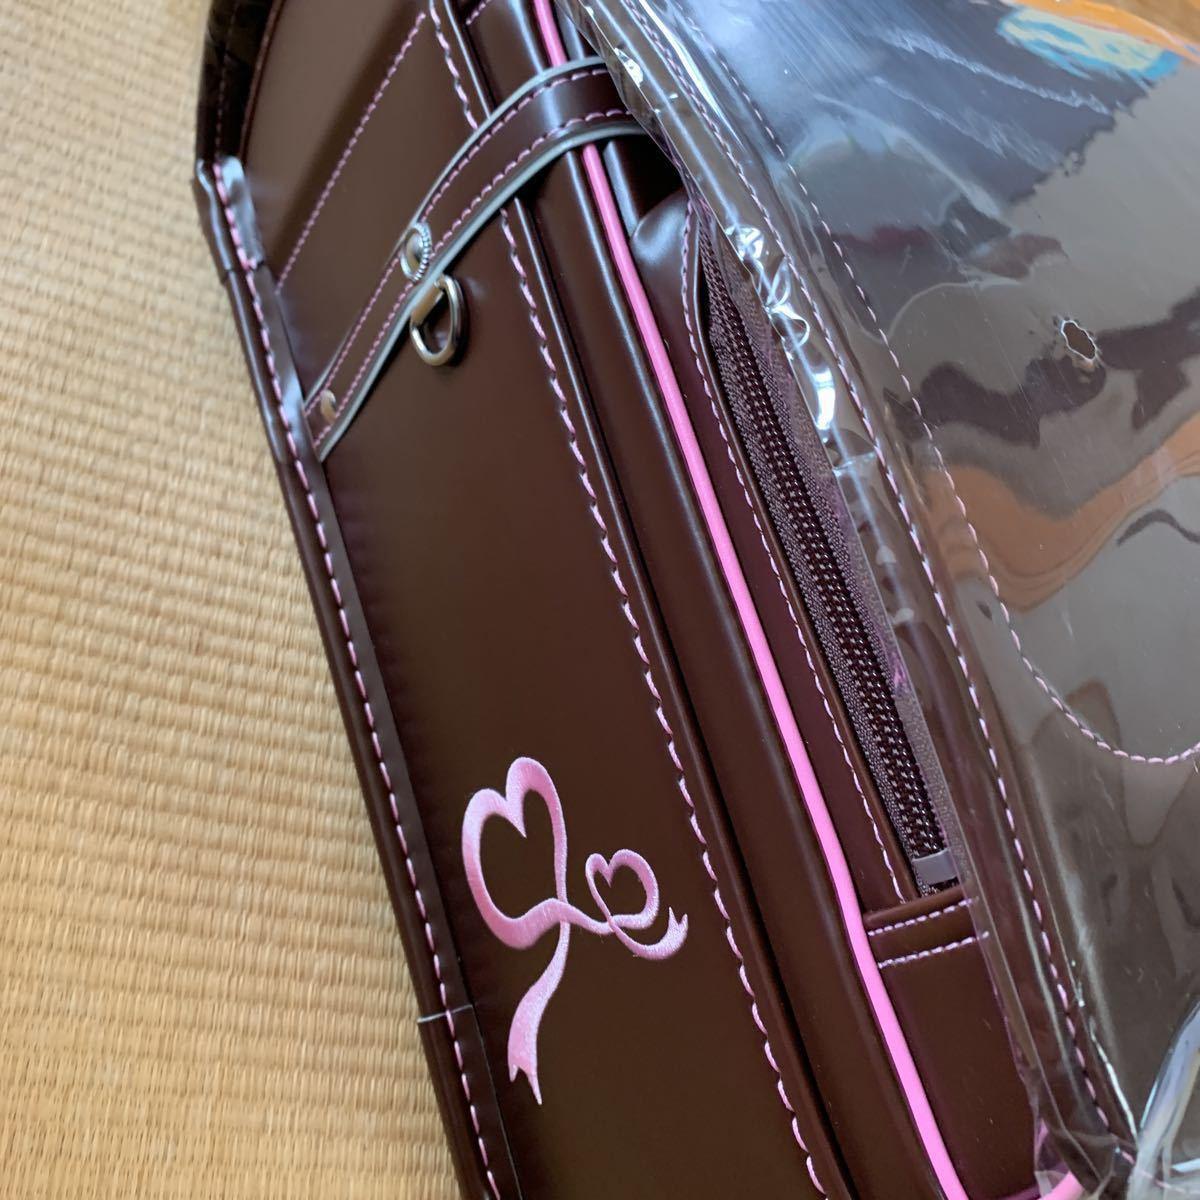 新品未使用 池田地球 ランドセル 型落ち ブラウン ピンク 刺繍 A4フラットファイル対応 日本製_画像2